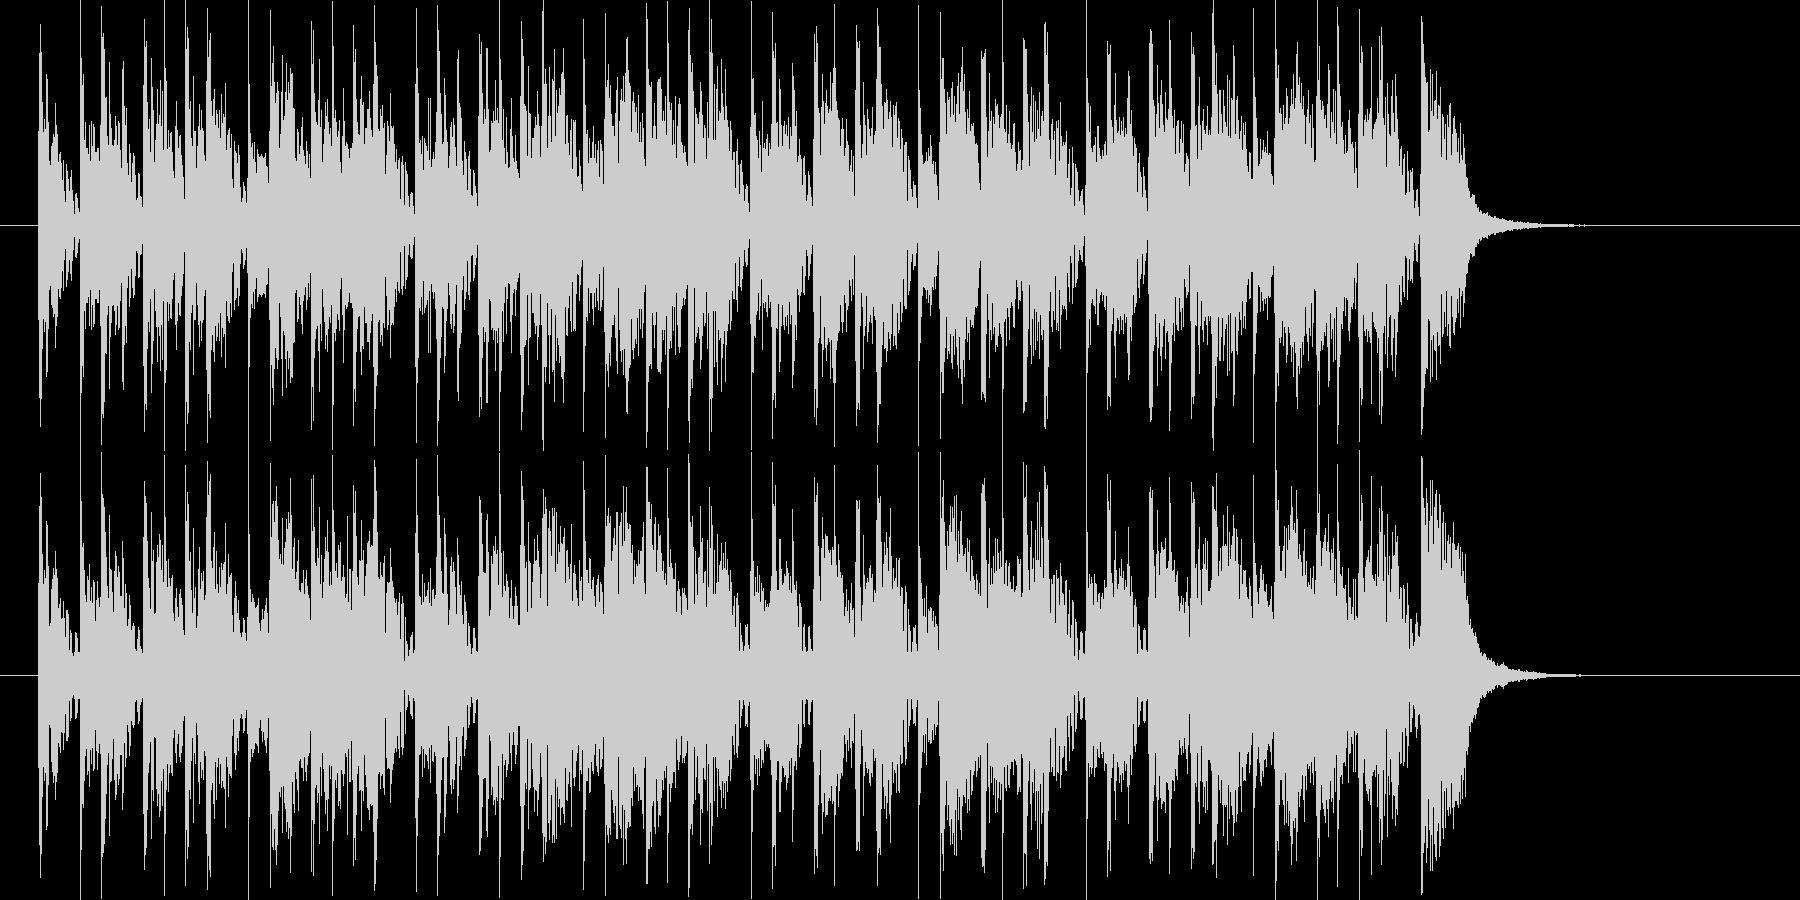 シンセベースやドラムが80年代風の楽曲の未再生の波形